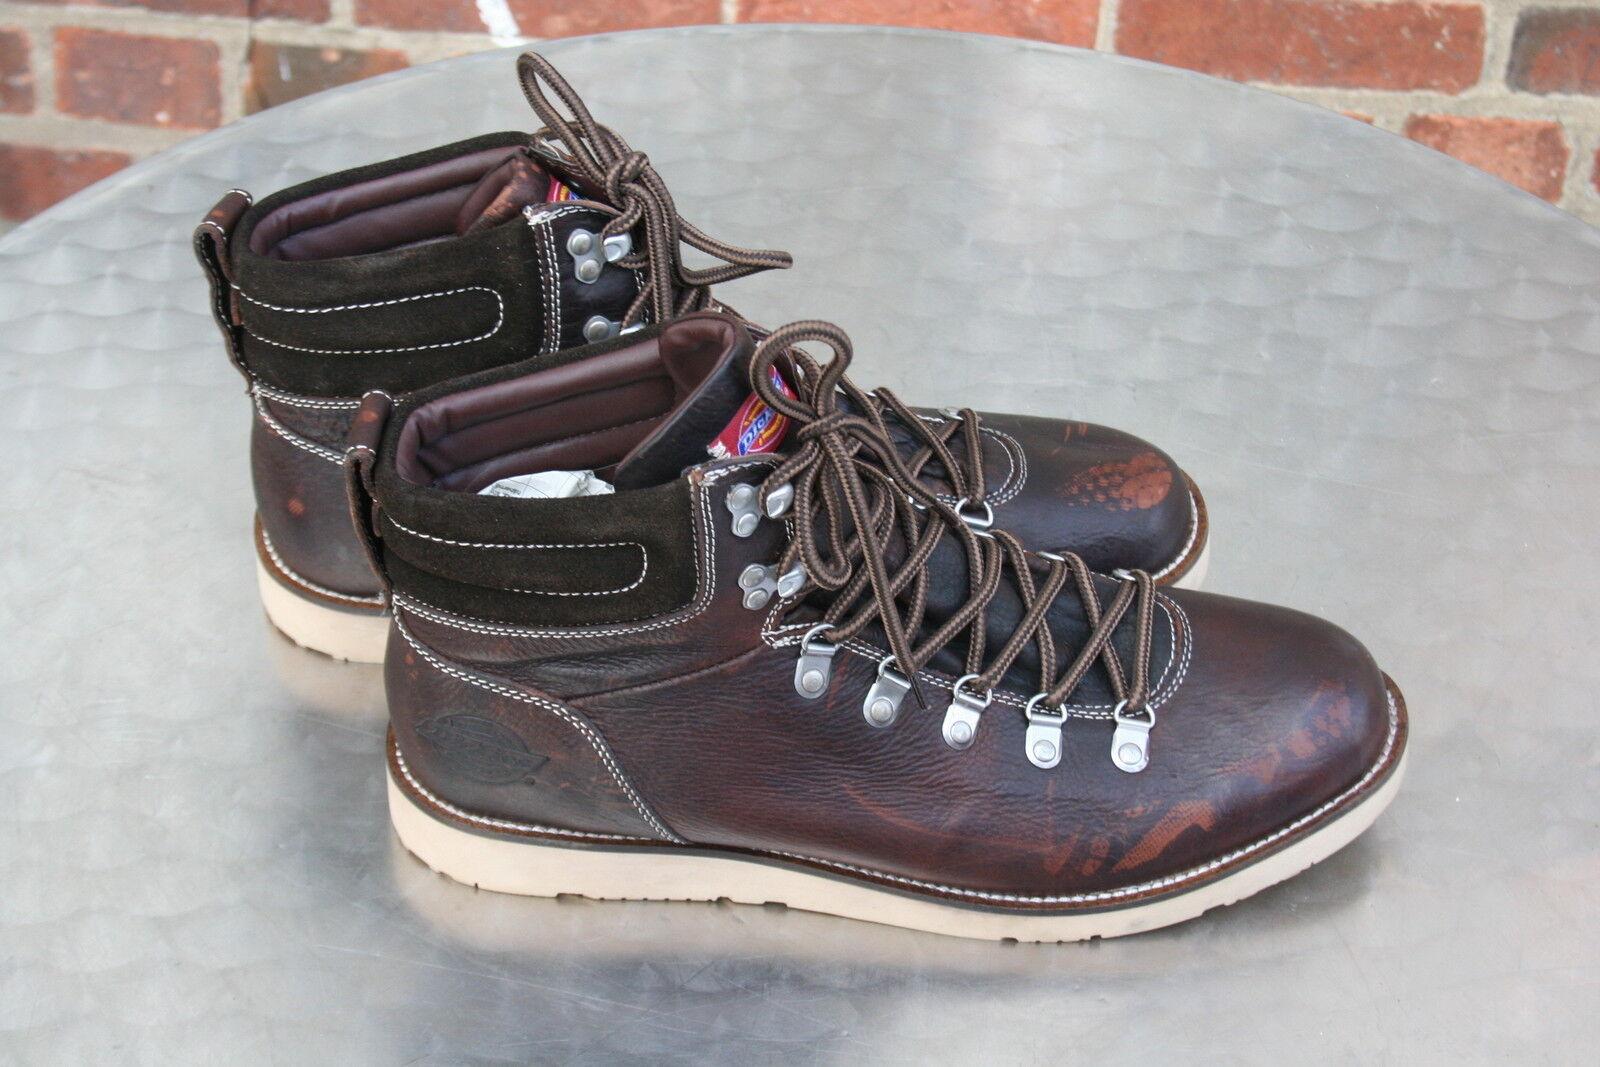 Dickies Stiefel halbhoch dunkel braun Gr.46 Leder Man Boots     -ungetragen-